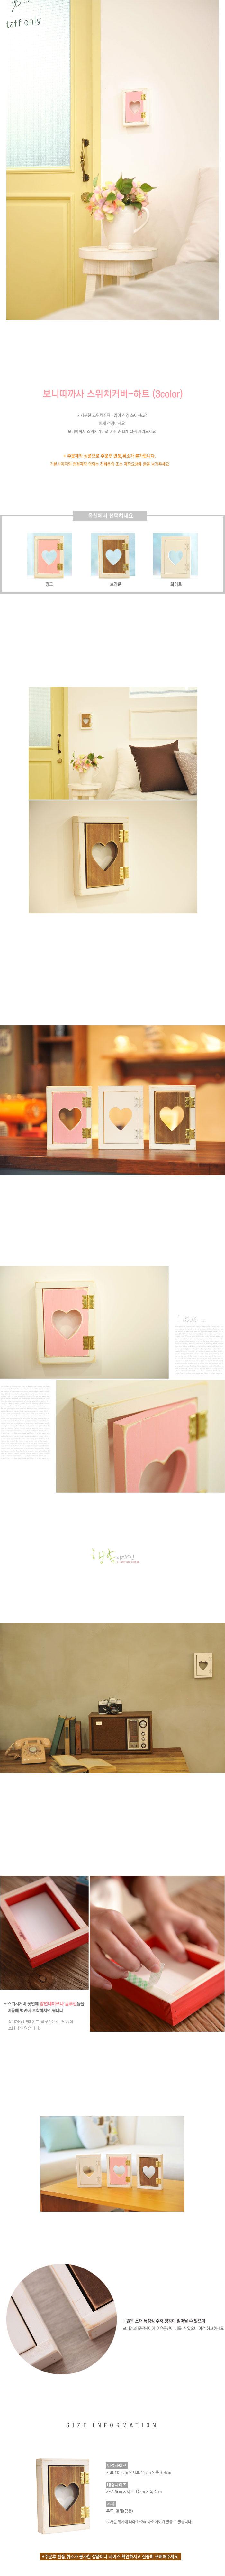 보니따까사 스위치커버-하트(3color) - 행복디자인, 10,000원, 장식/부자재, 벽장식